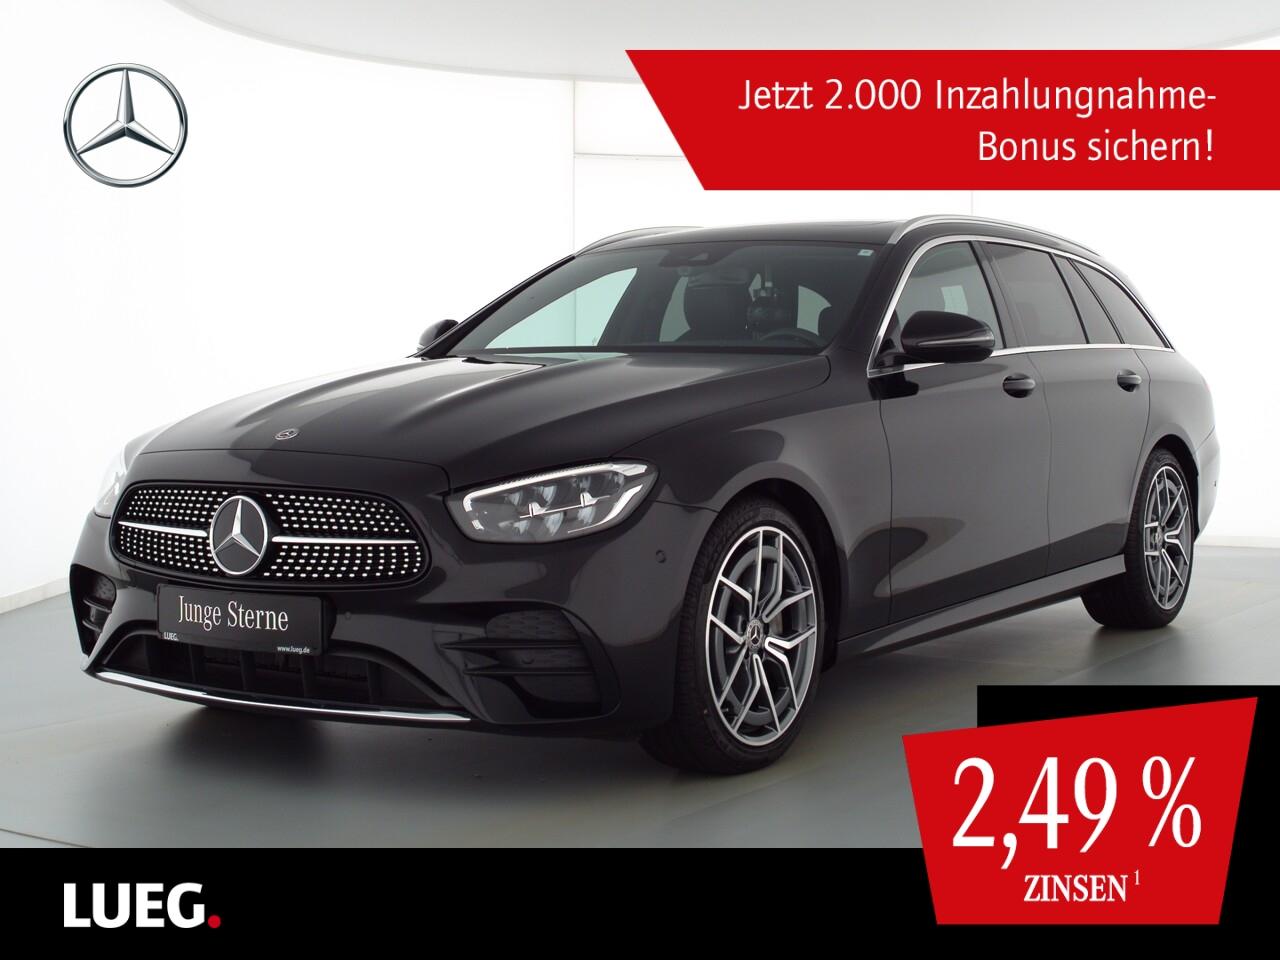 Mercedes-Benz E 220 d T 4M AMG+MBUXHighE+SHD+LED-HP+19+AHK+RFK, Jahr 2020, Diesel